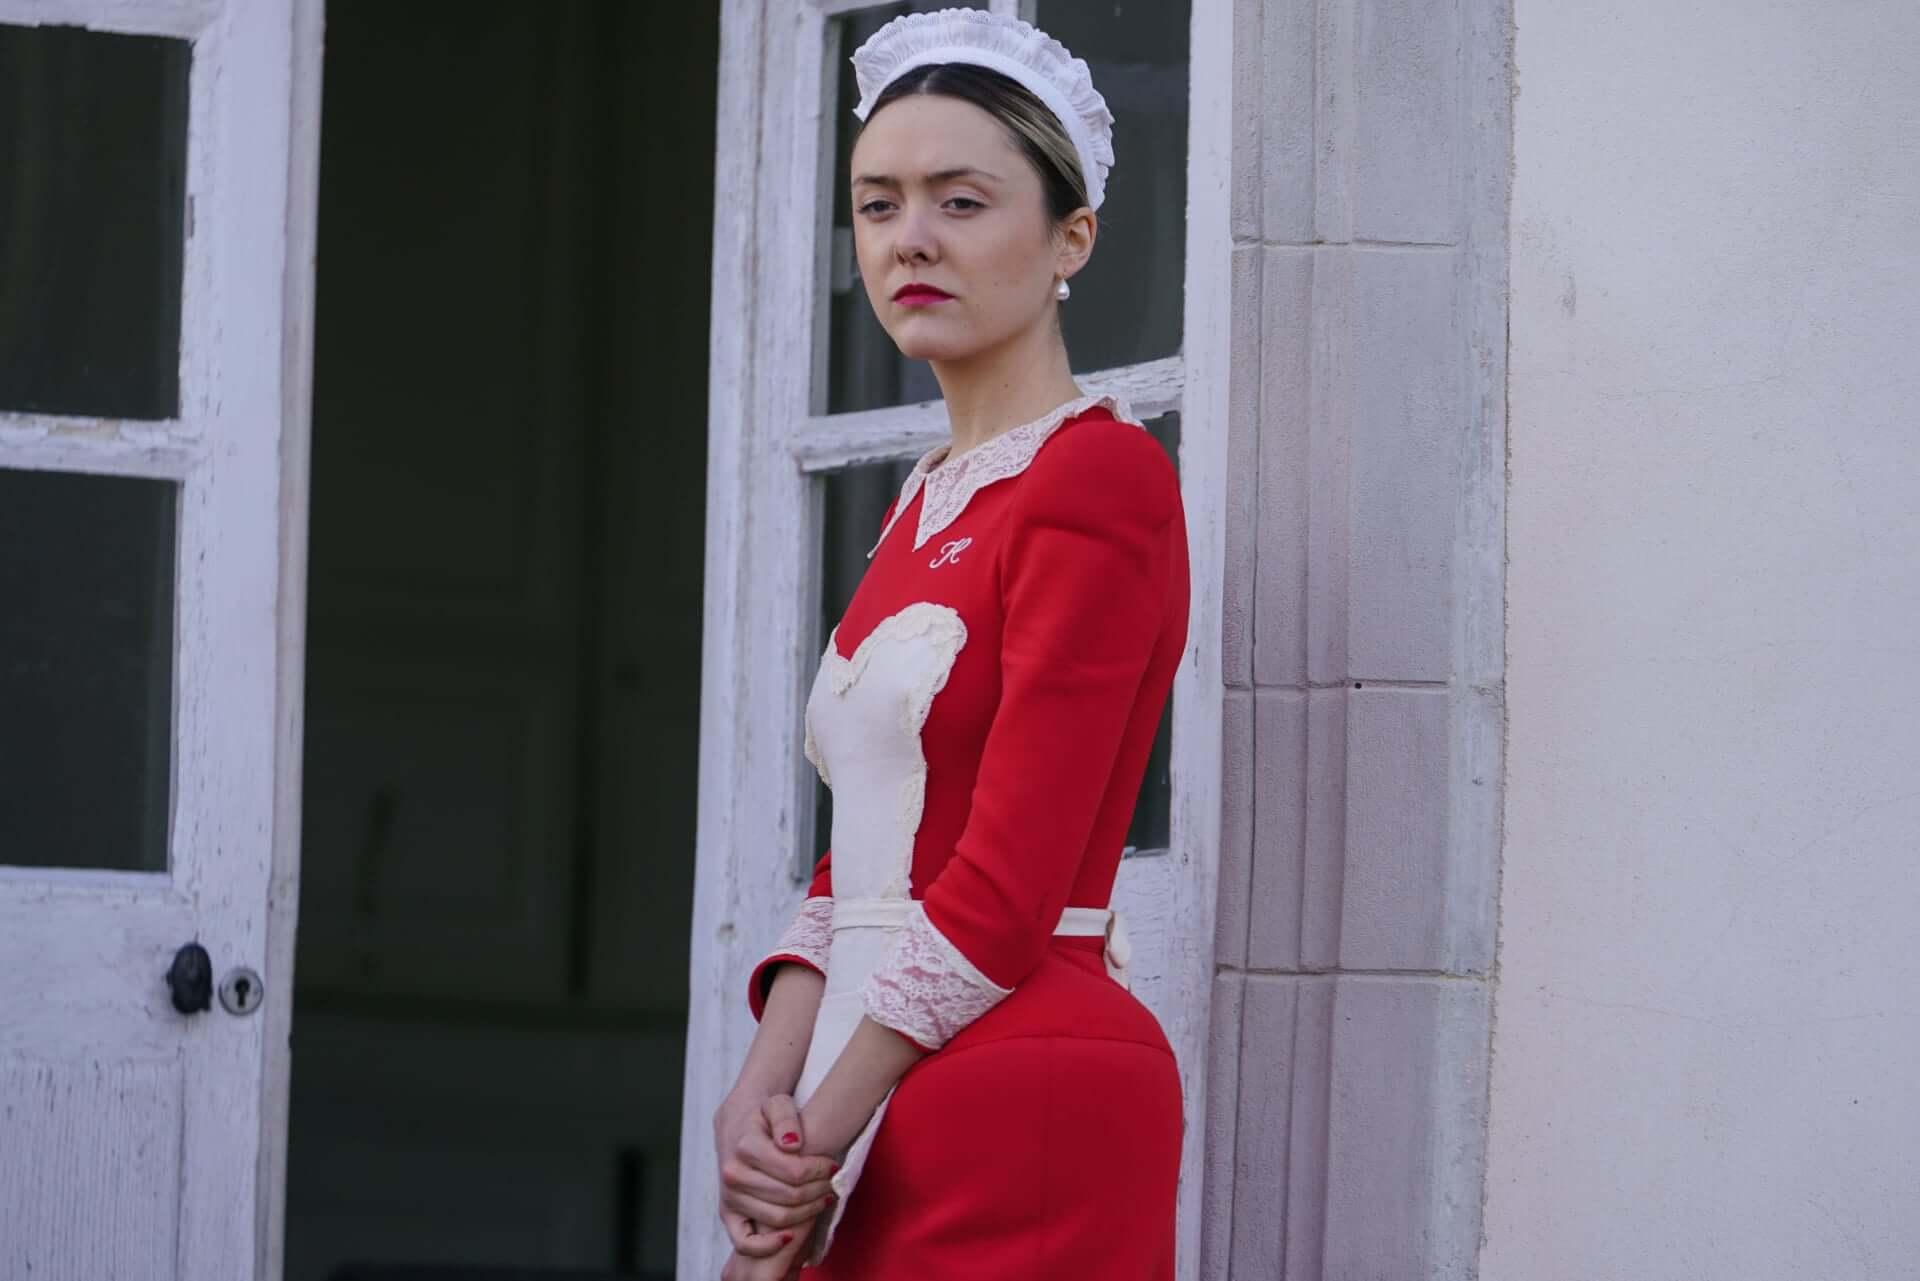 オンライン映画祭<MyFFF>が短編59作品を無料配信!カトリーヌ・ドヌーヴ出演『美味しい美女』などフランス映画多数 film200401_myfff_1-1920x1281